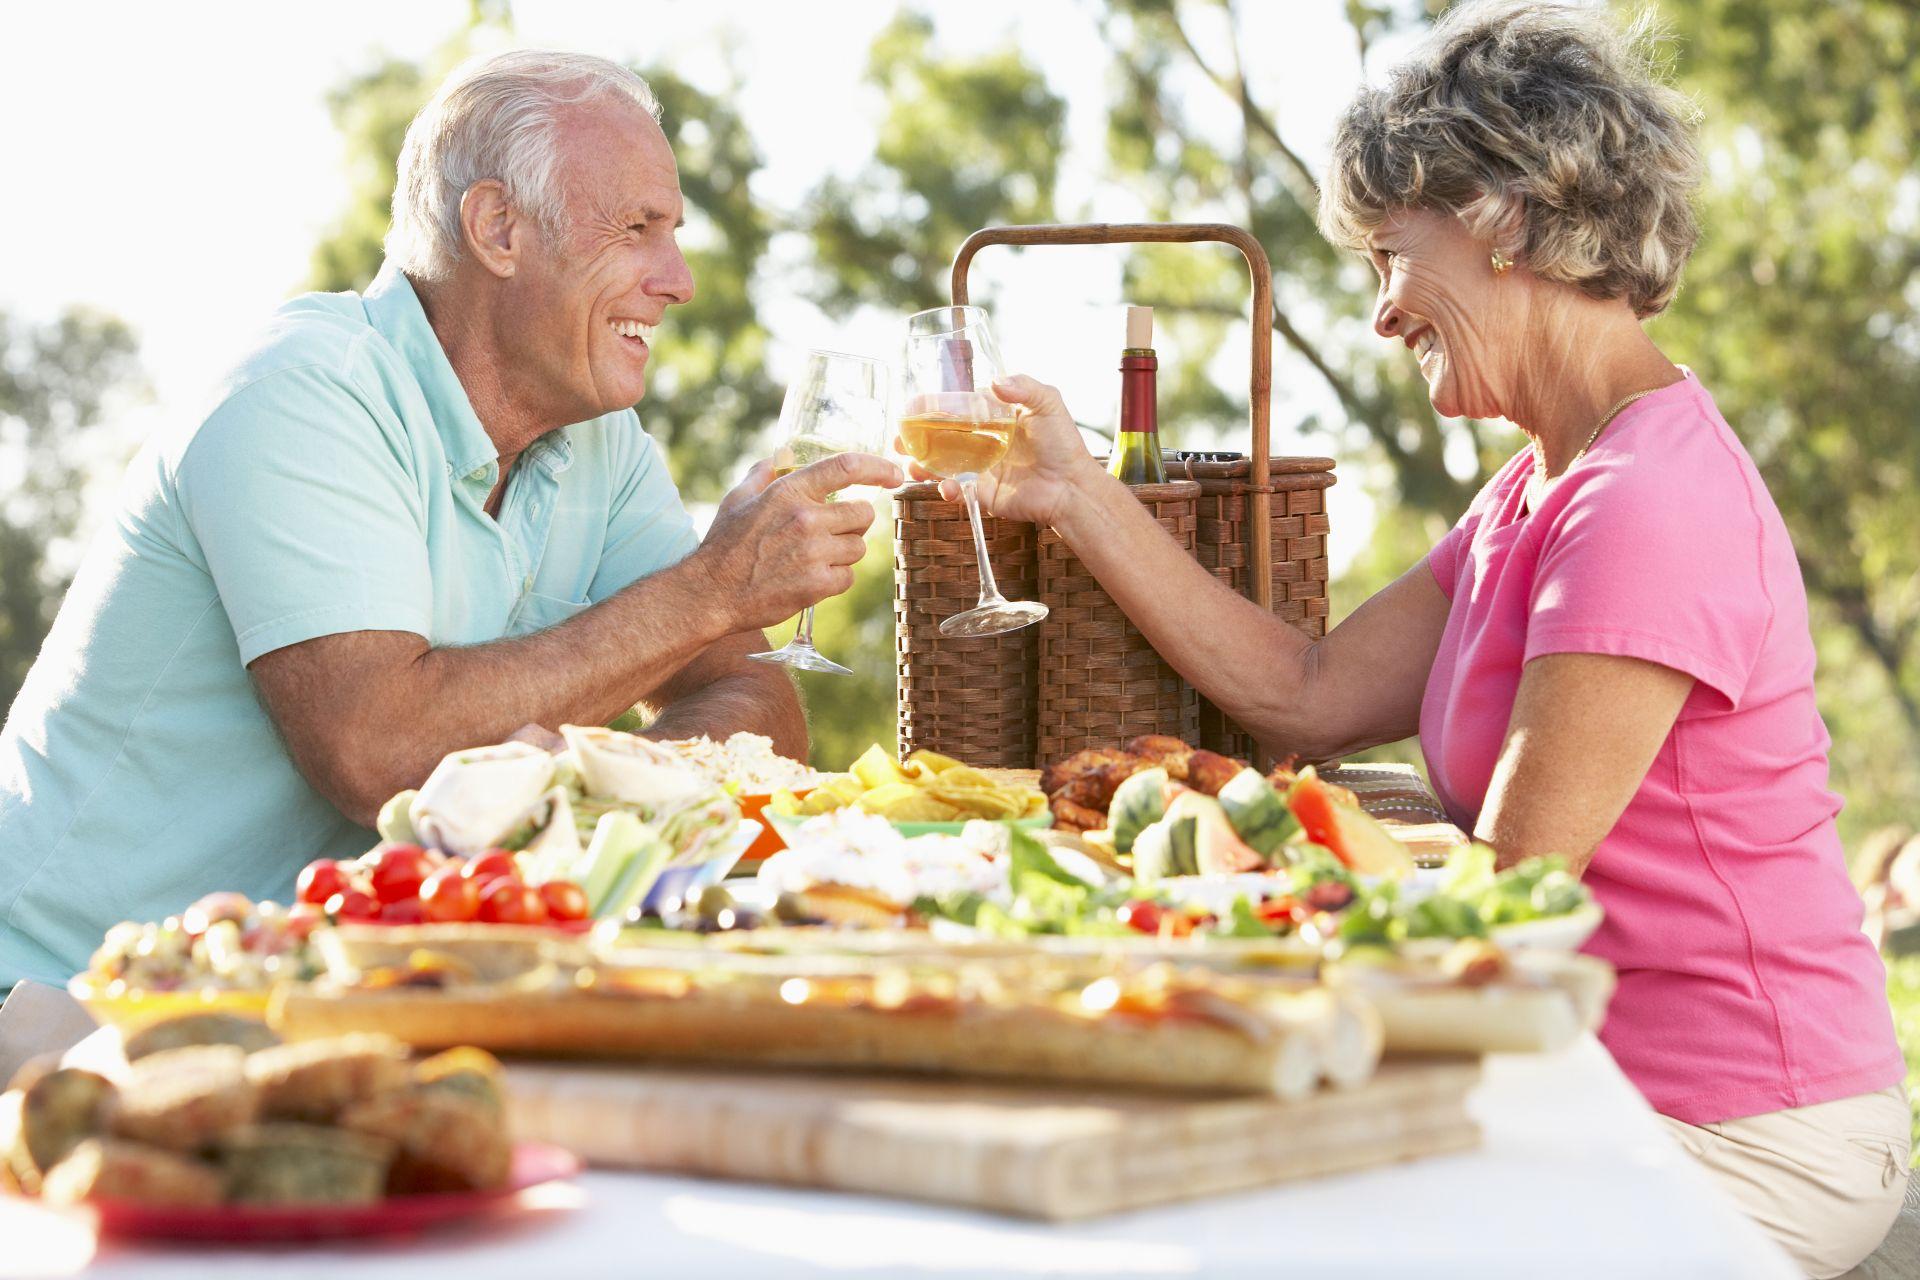 Dieta dla seniora bogata w sterole roślinne obniżające wysoki poziom złego cholesterolu, tłuszcze roślinne, warzywa i owoce z potasem i kwasy omega-3 i 6.